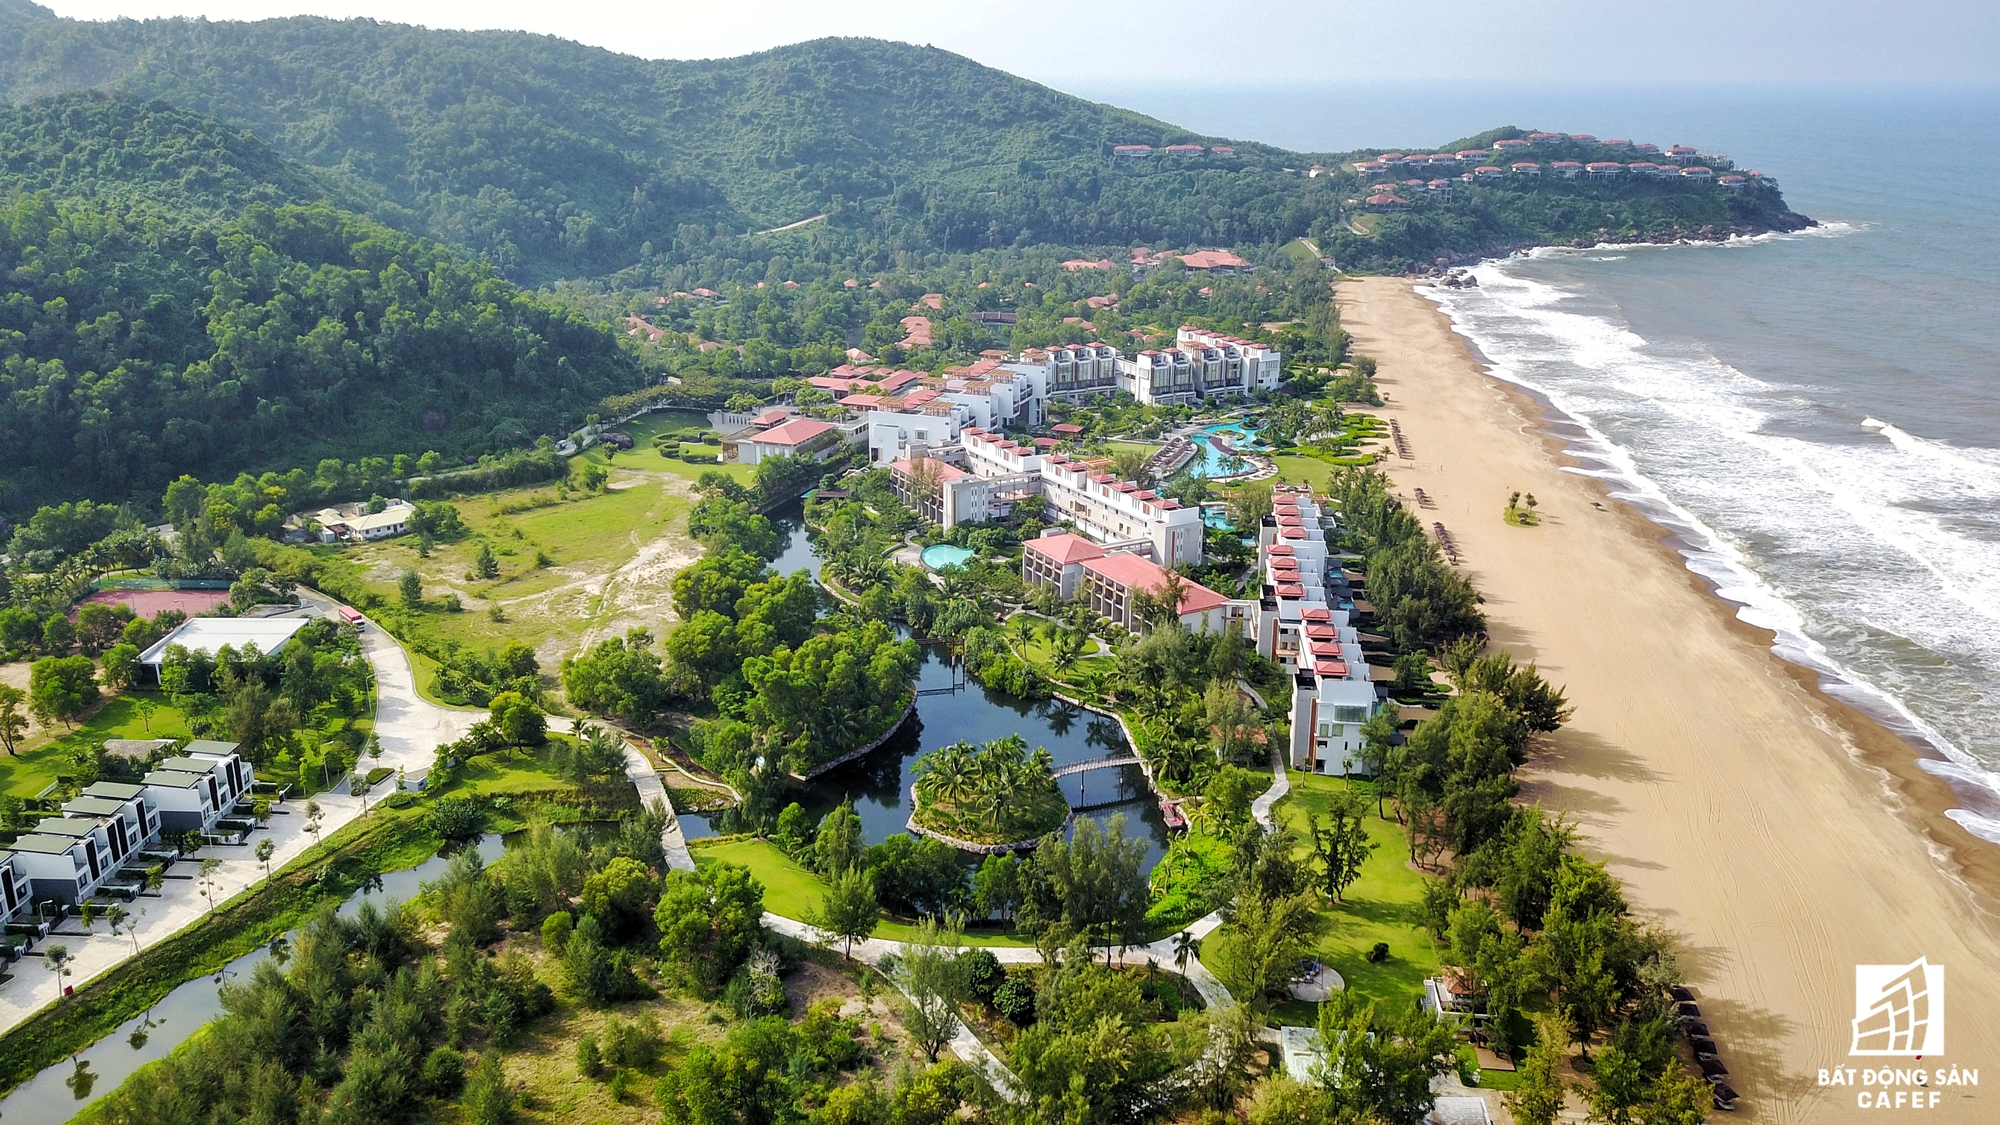 Nhiều dự án đang rục rịch triển khai và tăng vốn đầu tư mở rộng dọc bờ biển Lăng Cô